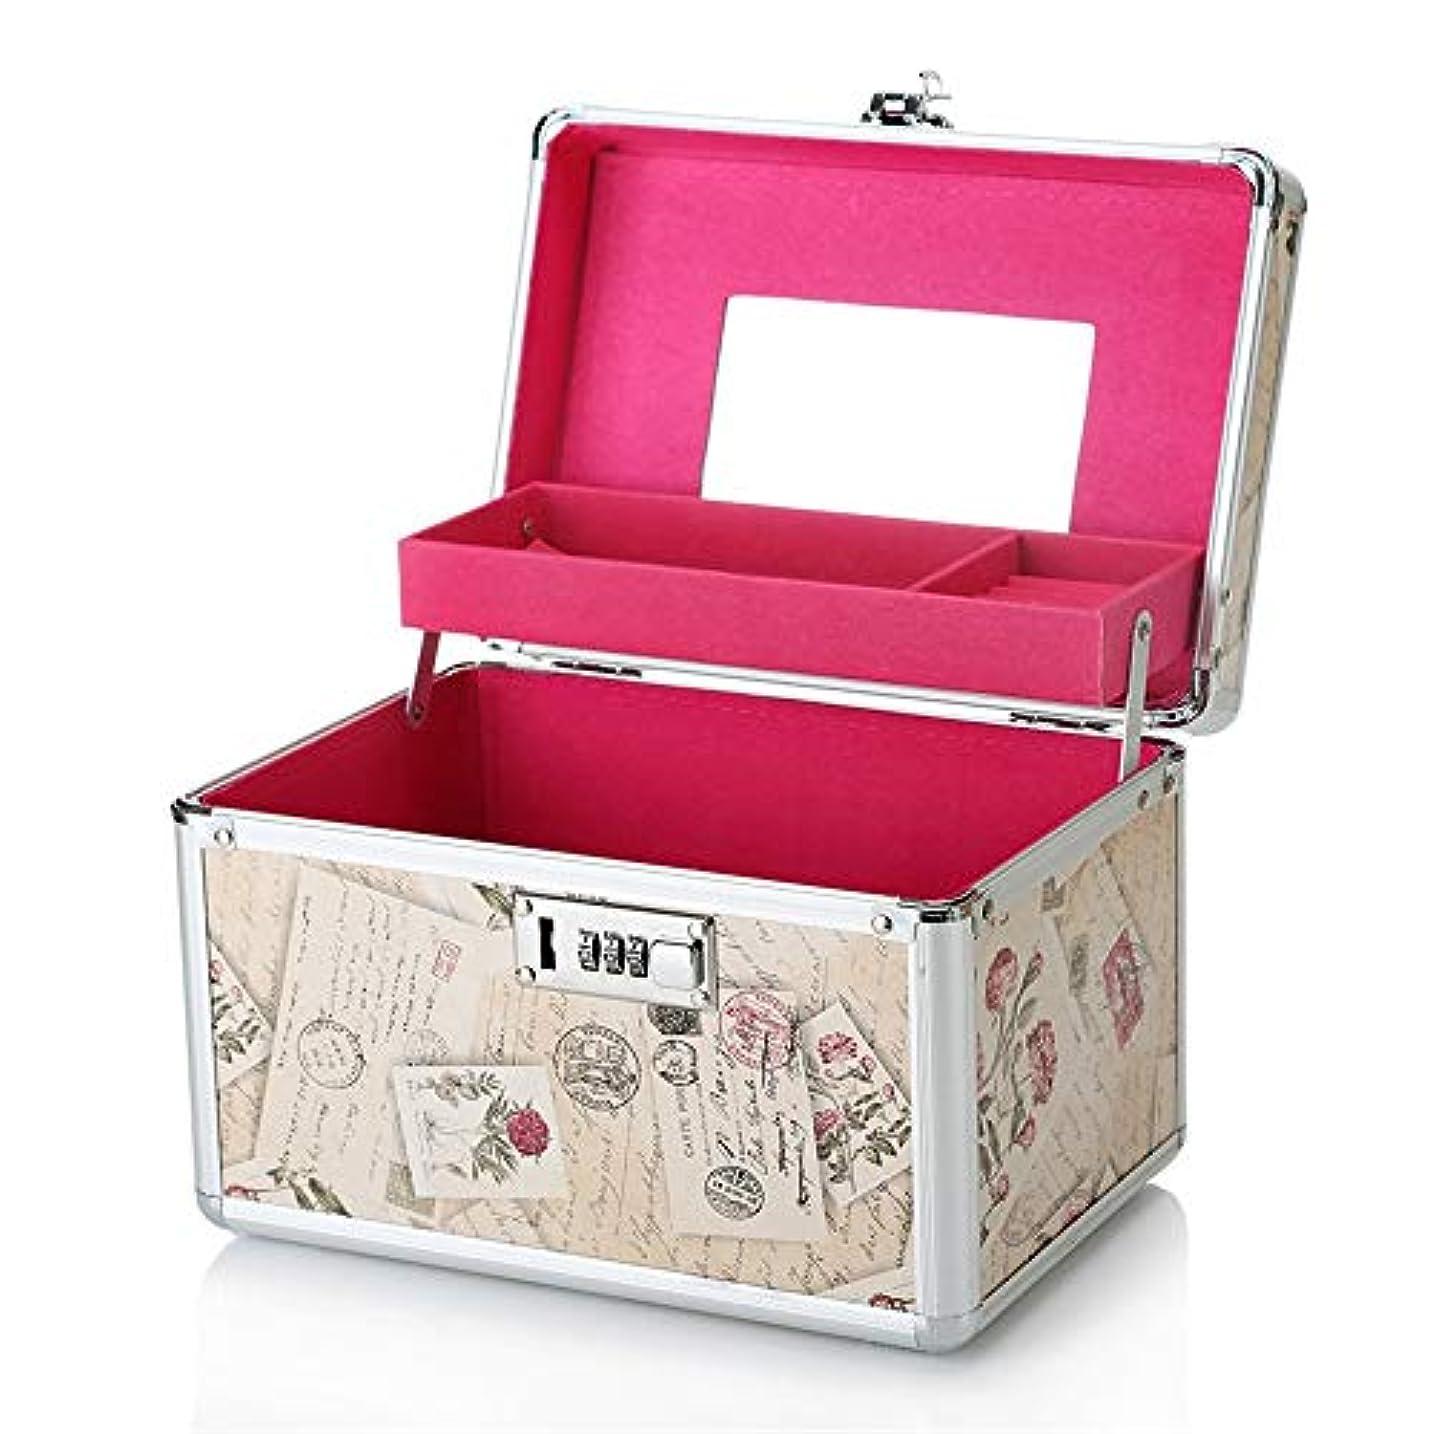 第長くする砂利化粧オーガナイザーバッグ 旅行のメイクアップバッグメイク化粧品バッグトイレタリー化粧ケース 化粧品ケース